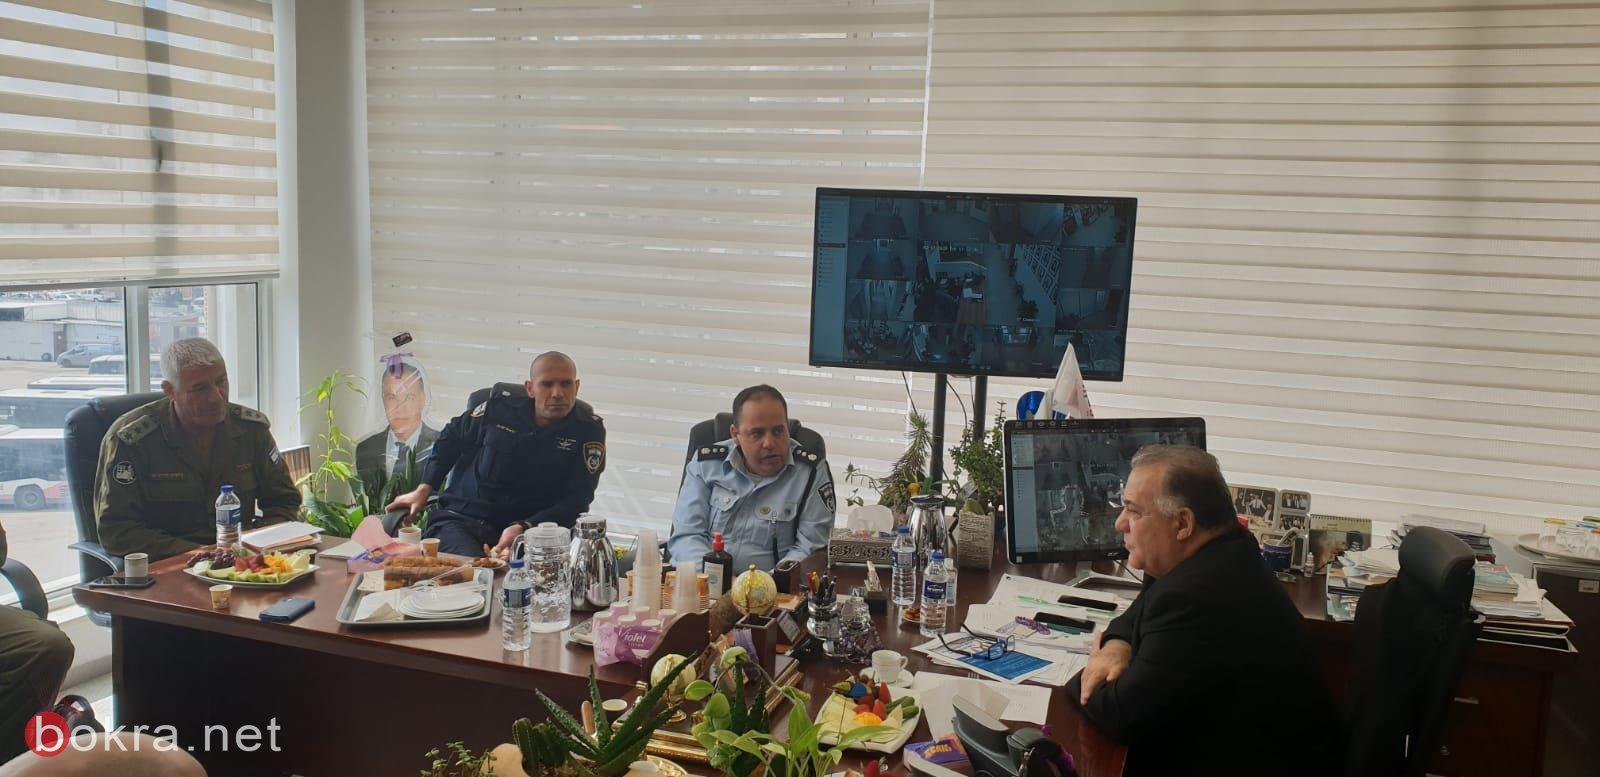 جلسة عمل مع قيادة الشرطة وقائد الجبهة الداخلية في بلدية الناصرة-1